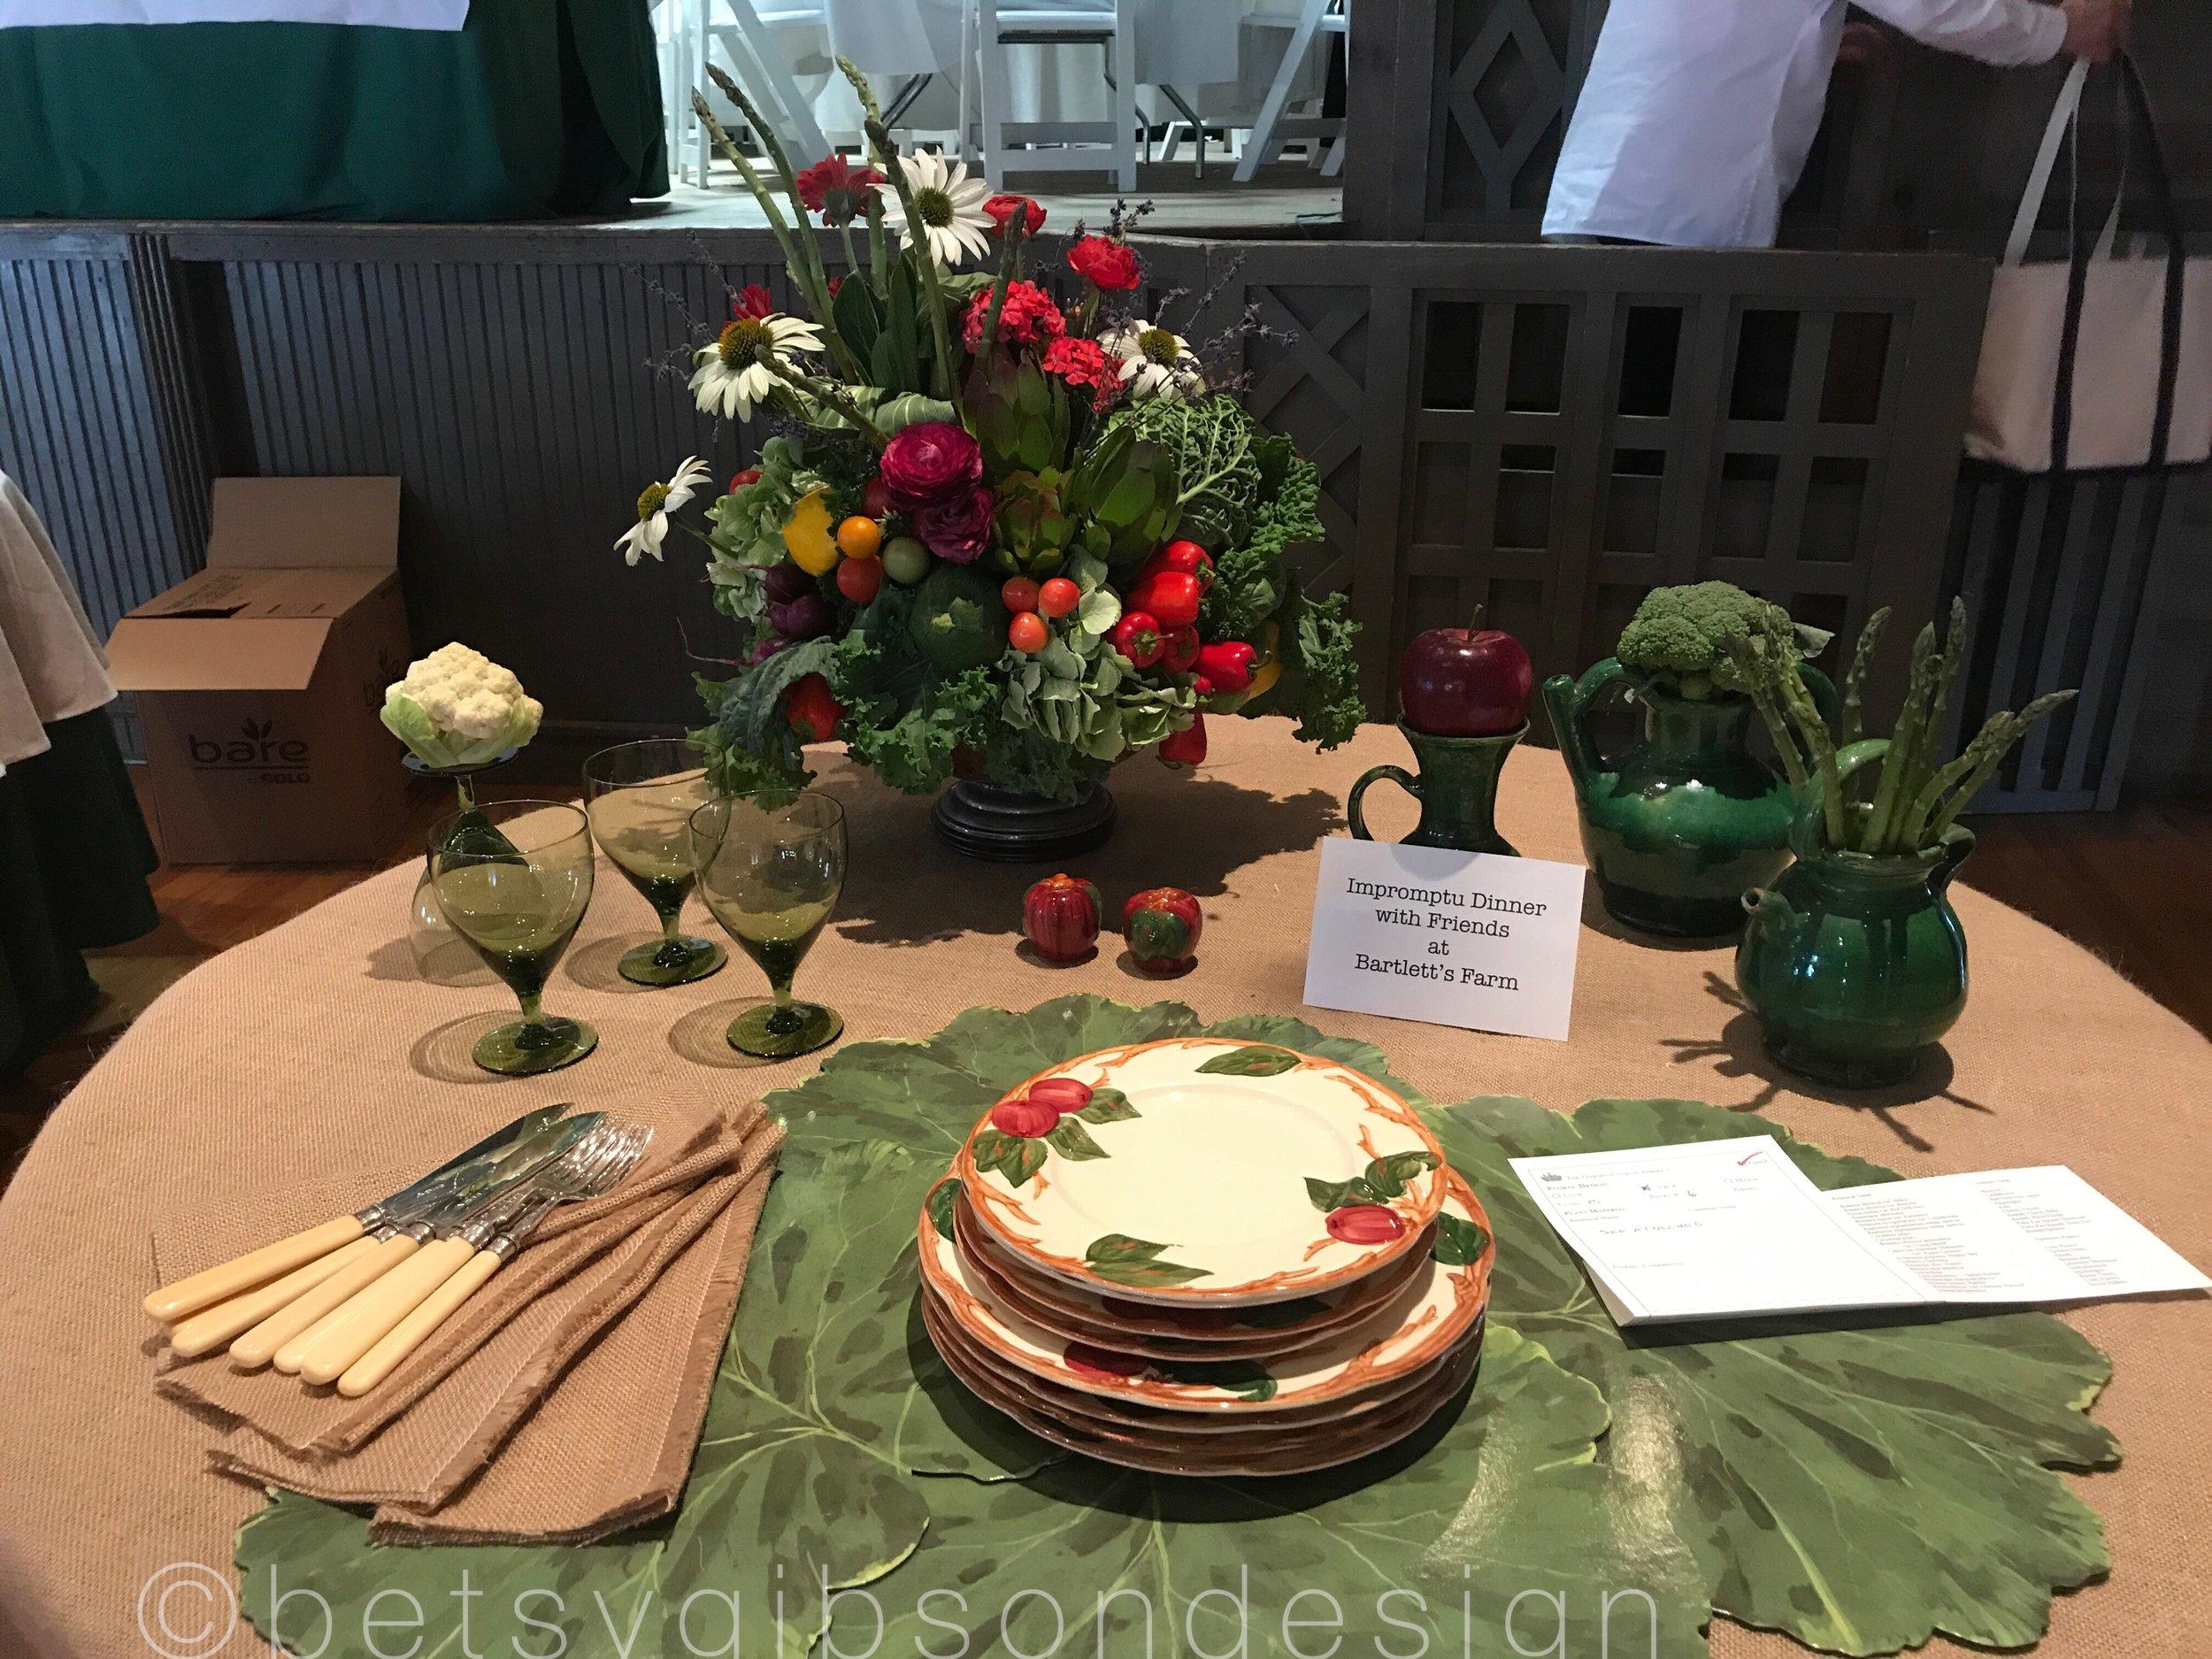 Bartlett's Farm Tablescape. Designers' names to come!